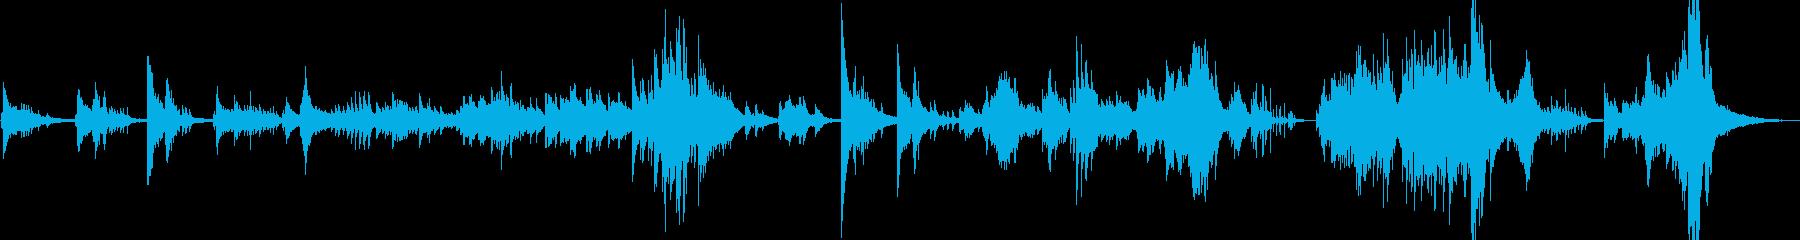 ヨーロピアンジャズを意識したピアノ即興。の再生済みの波形